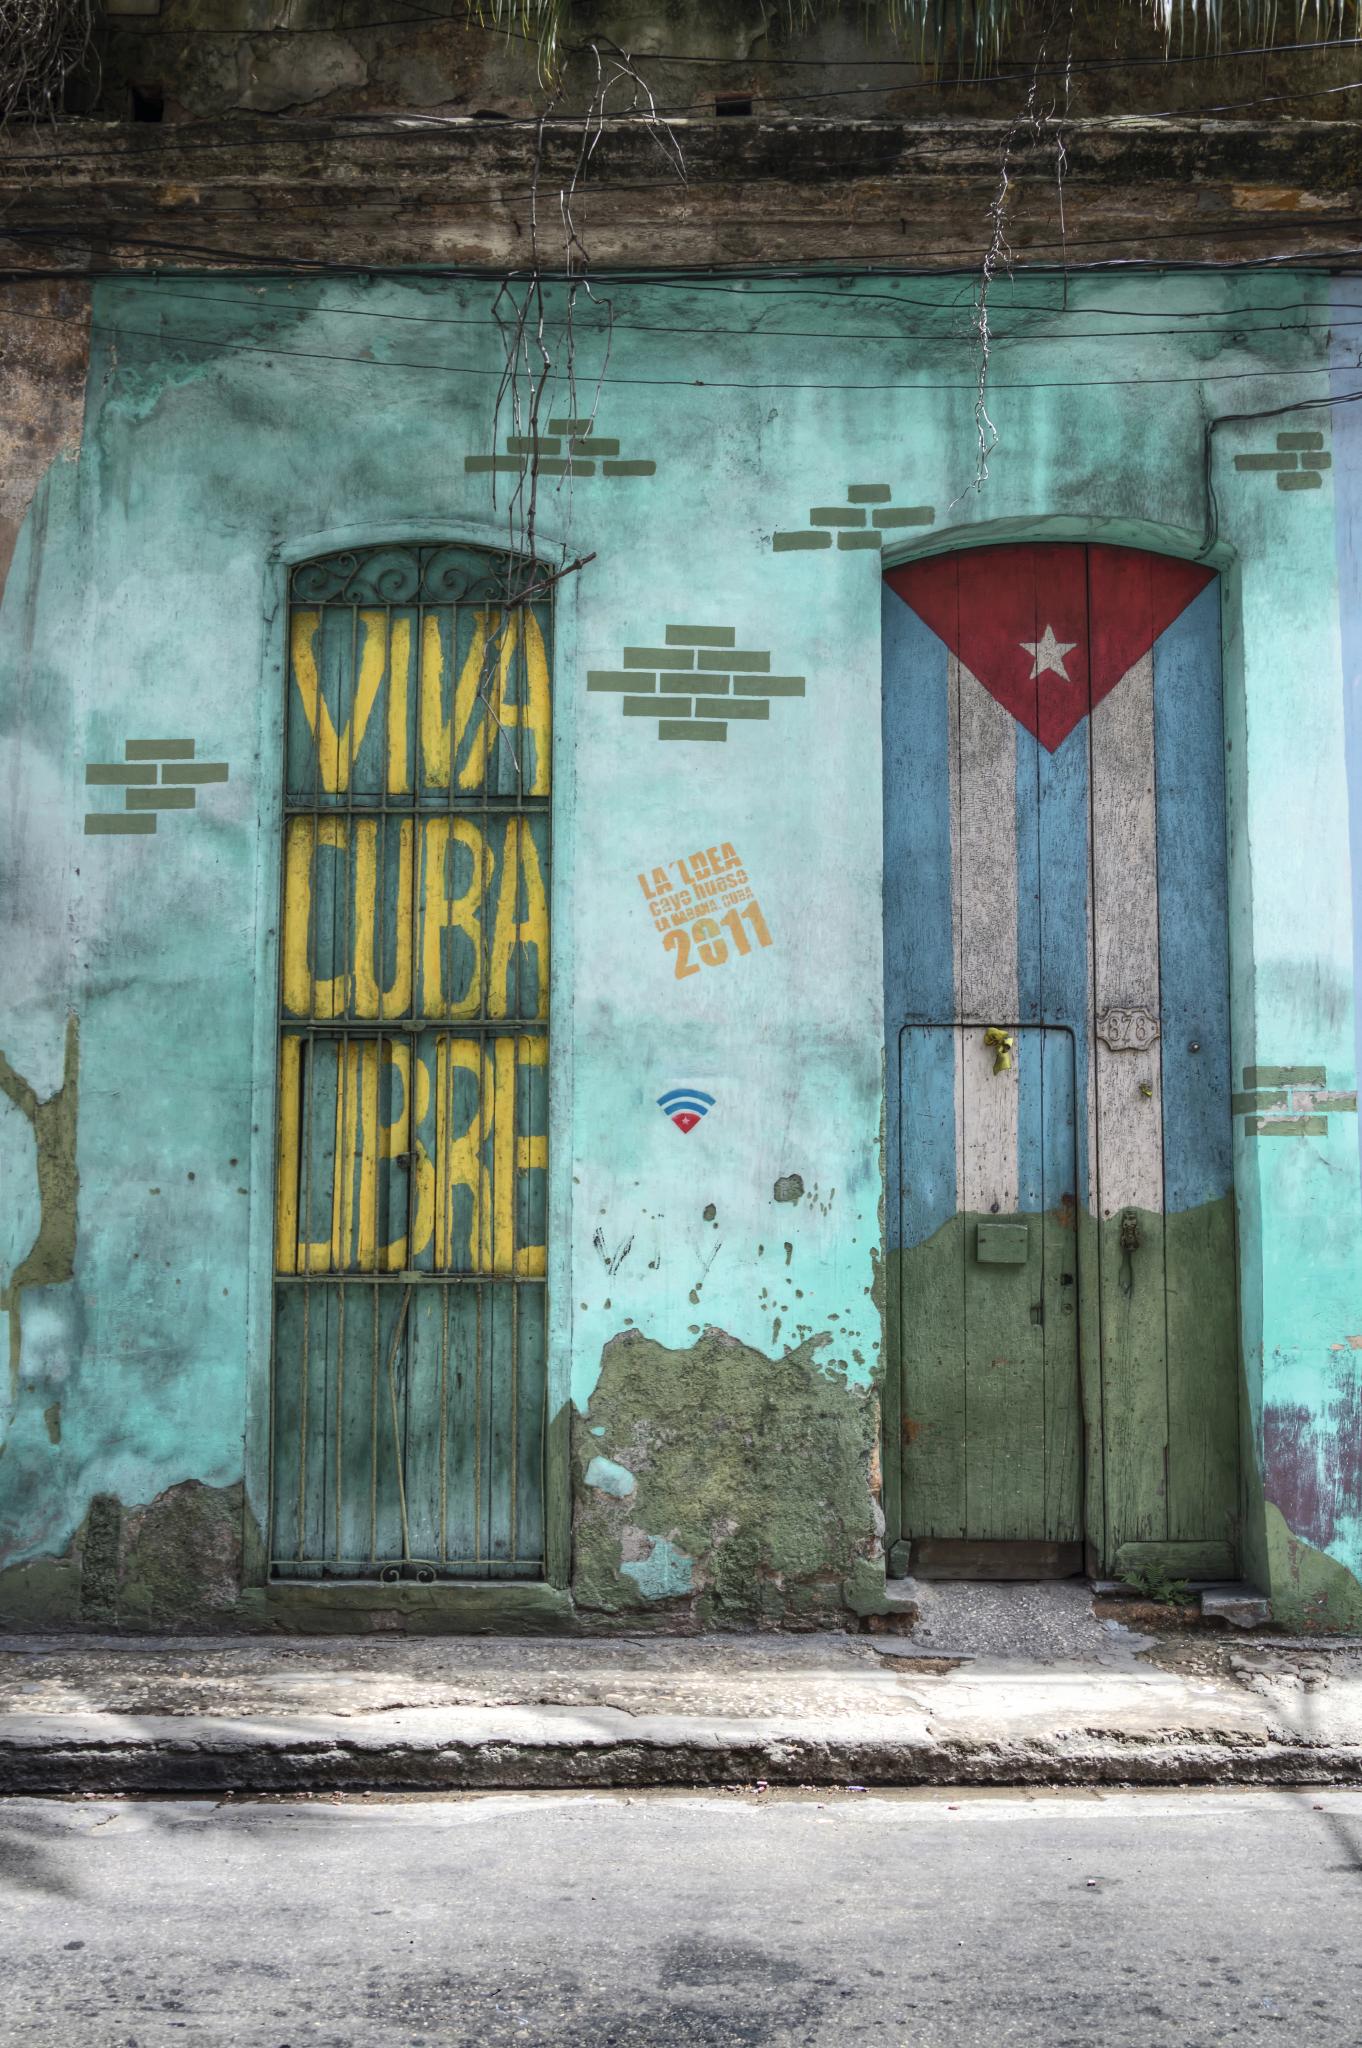 Kuba viva cuba libre.jpeg